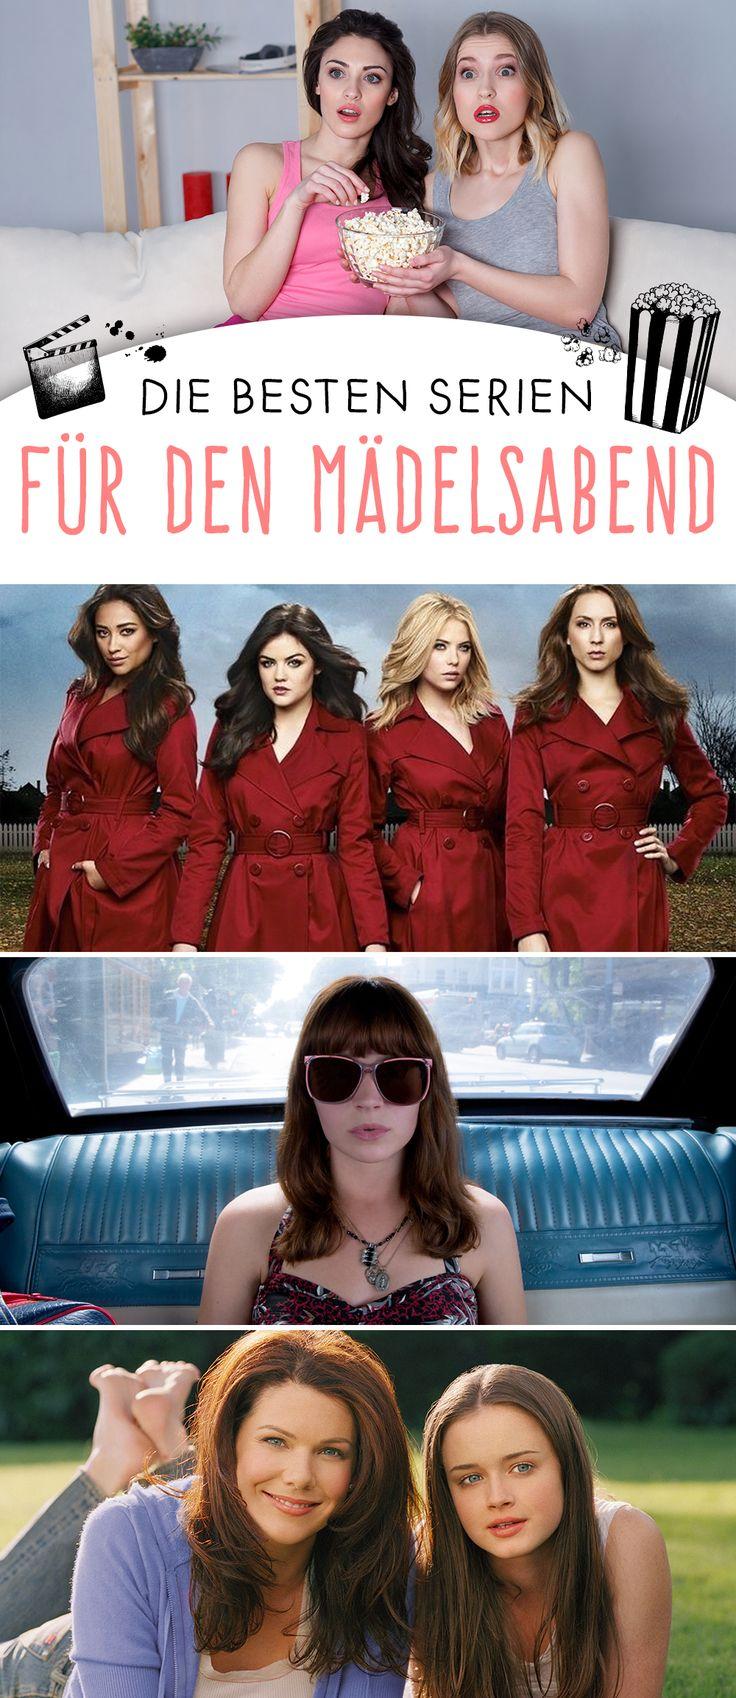 Gute Filme Mädelsabend